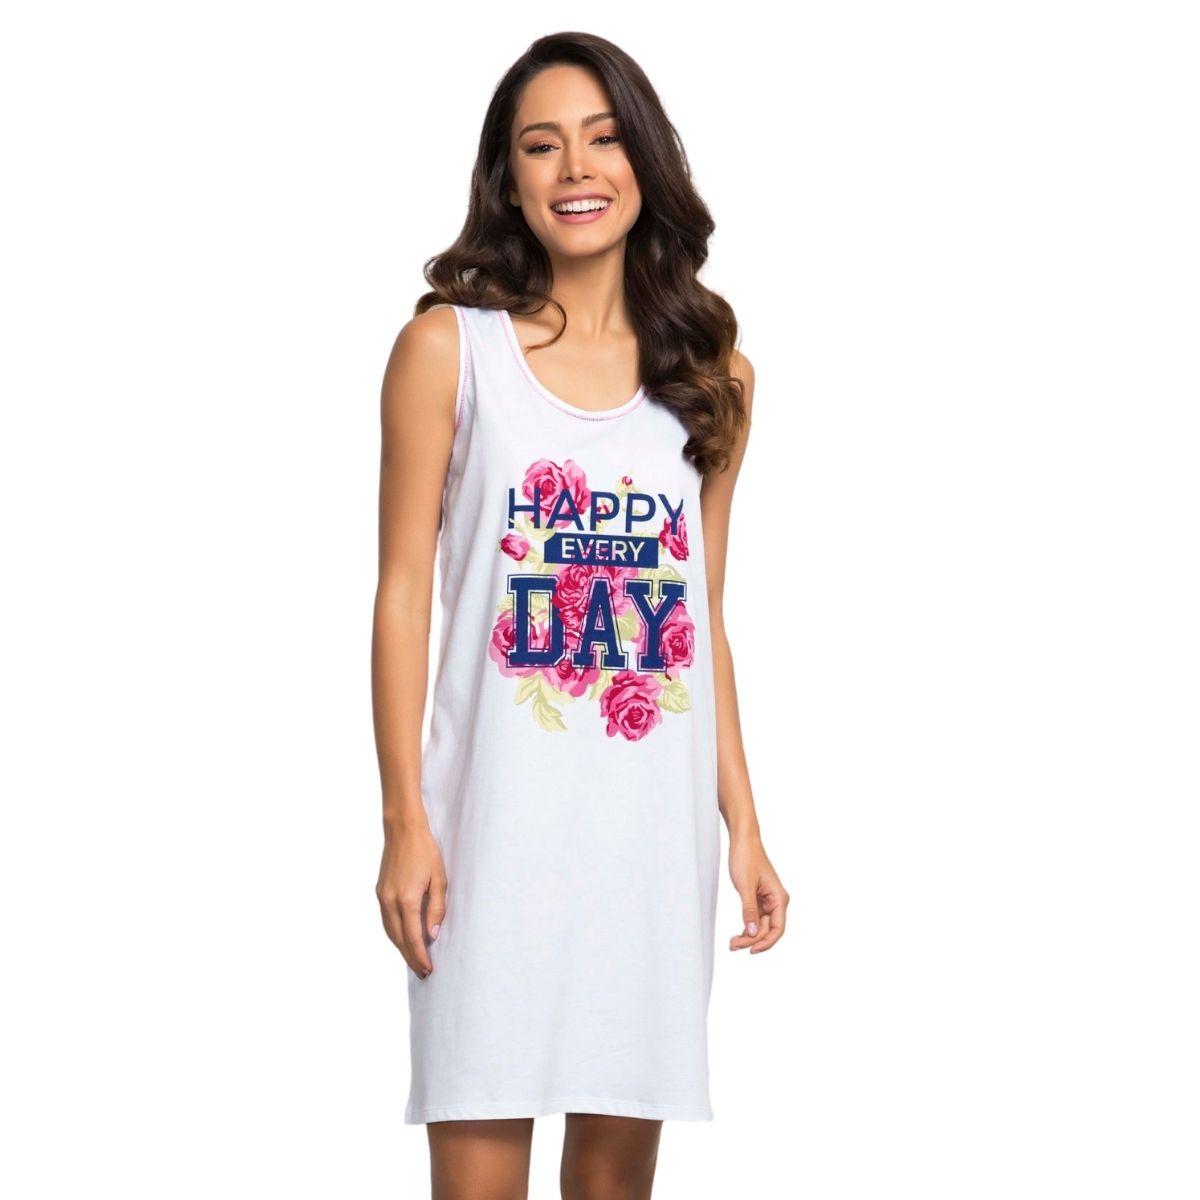 Camisão pijama feminino regata happy every day algodão